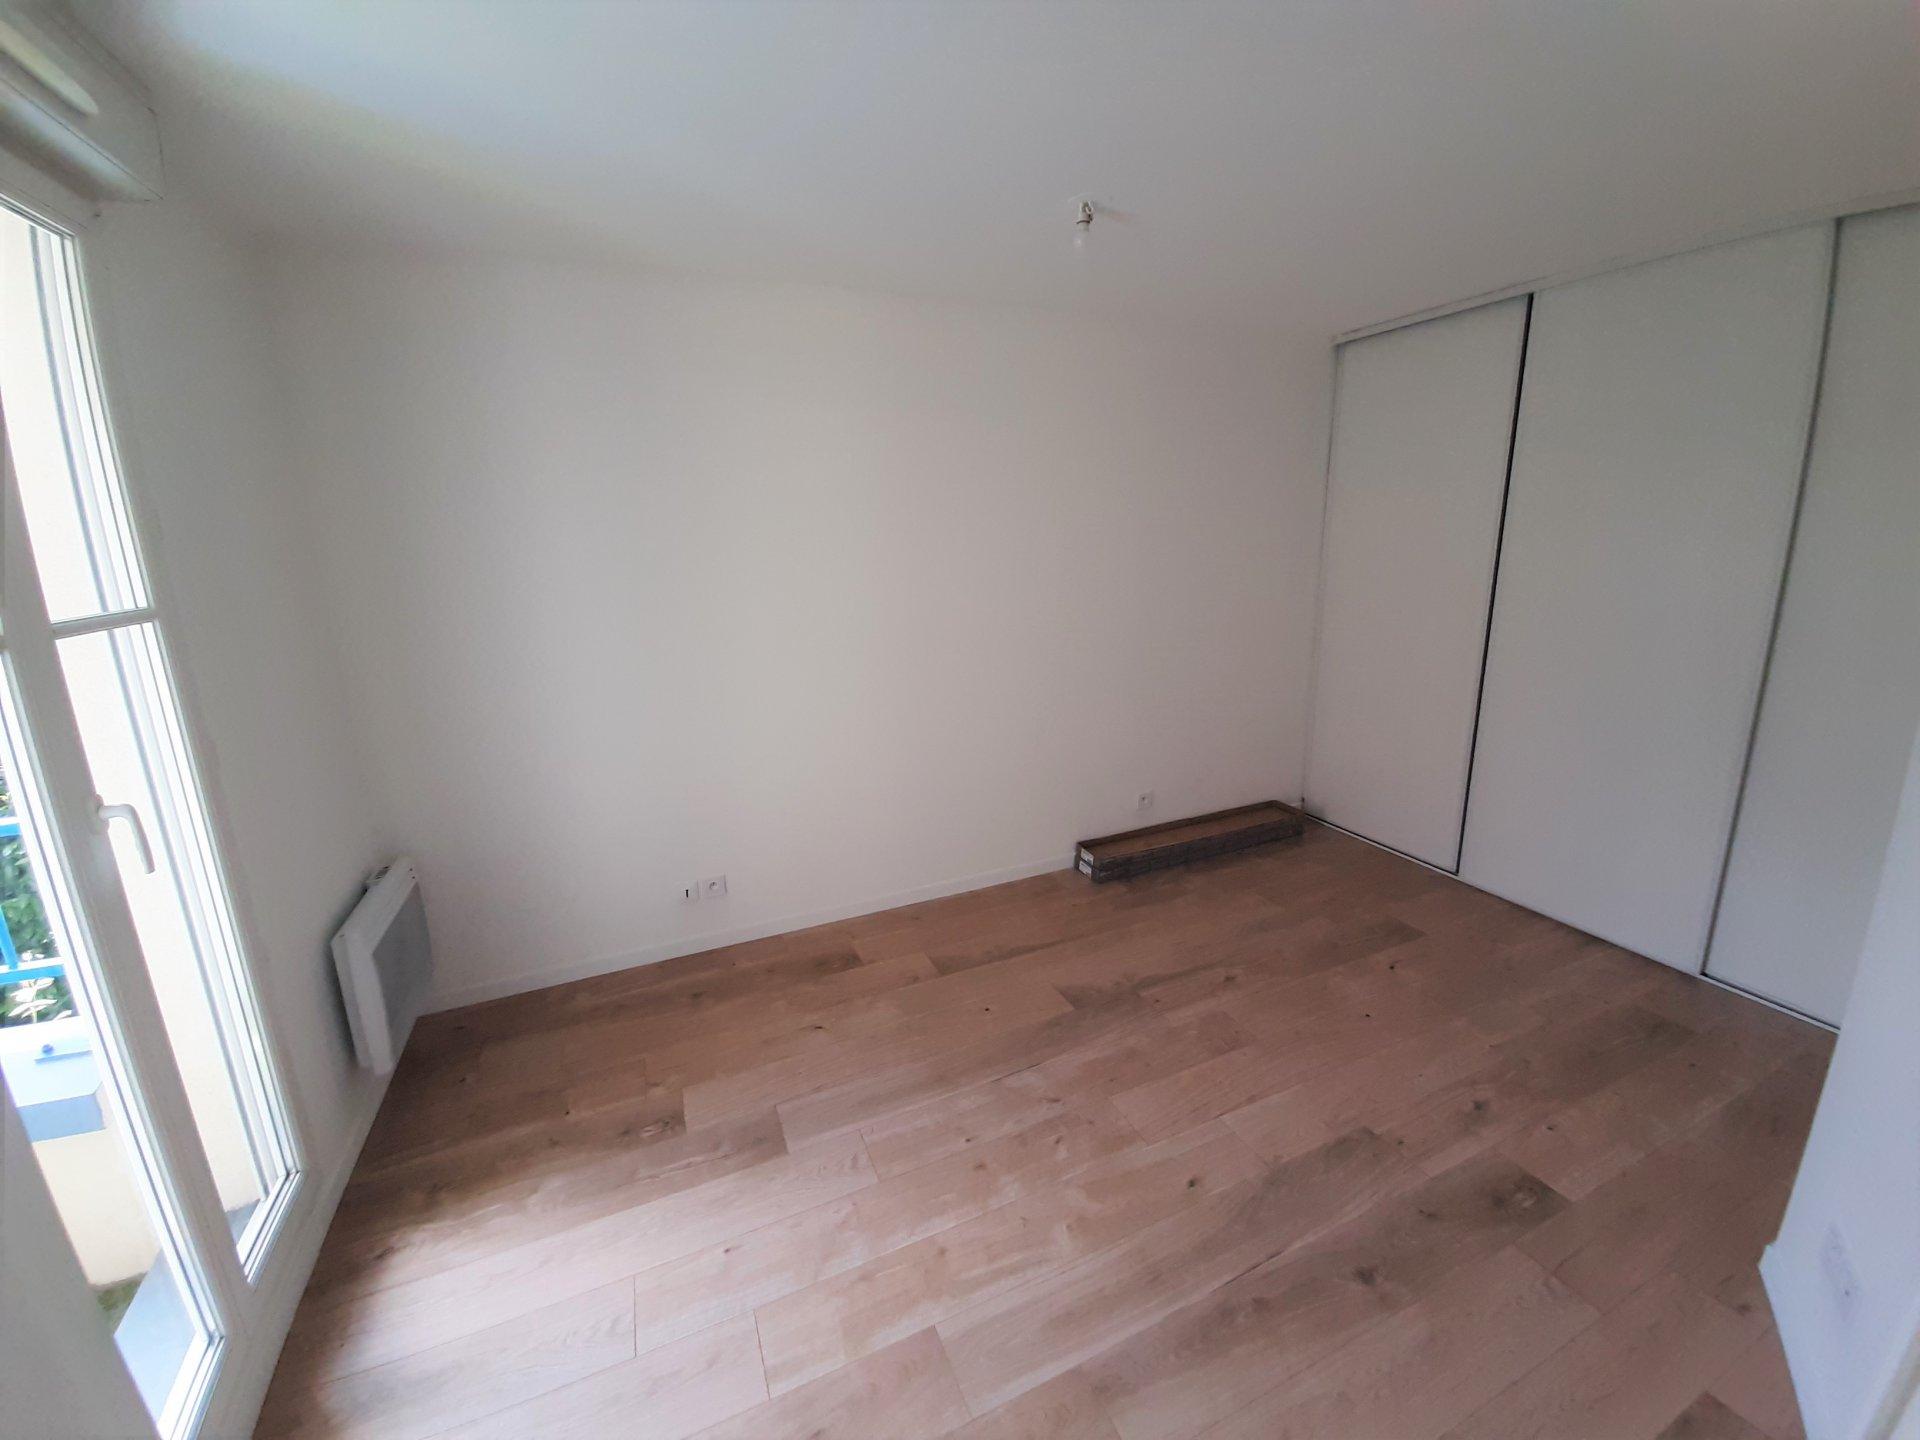 Appartement 3 Pièces 55 m² avec balcon et parking